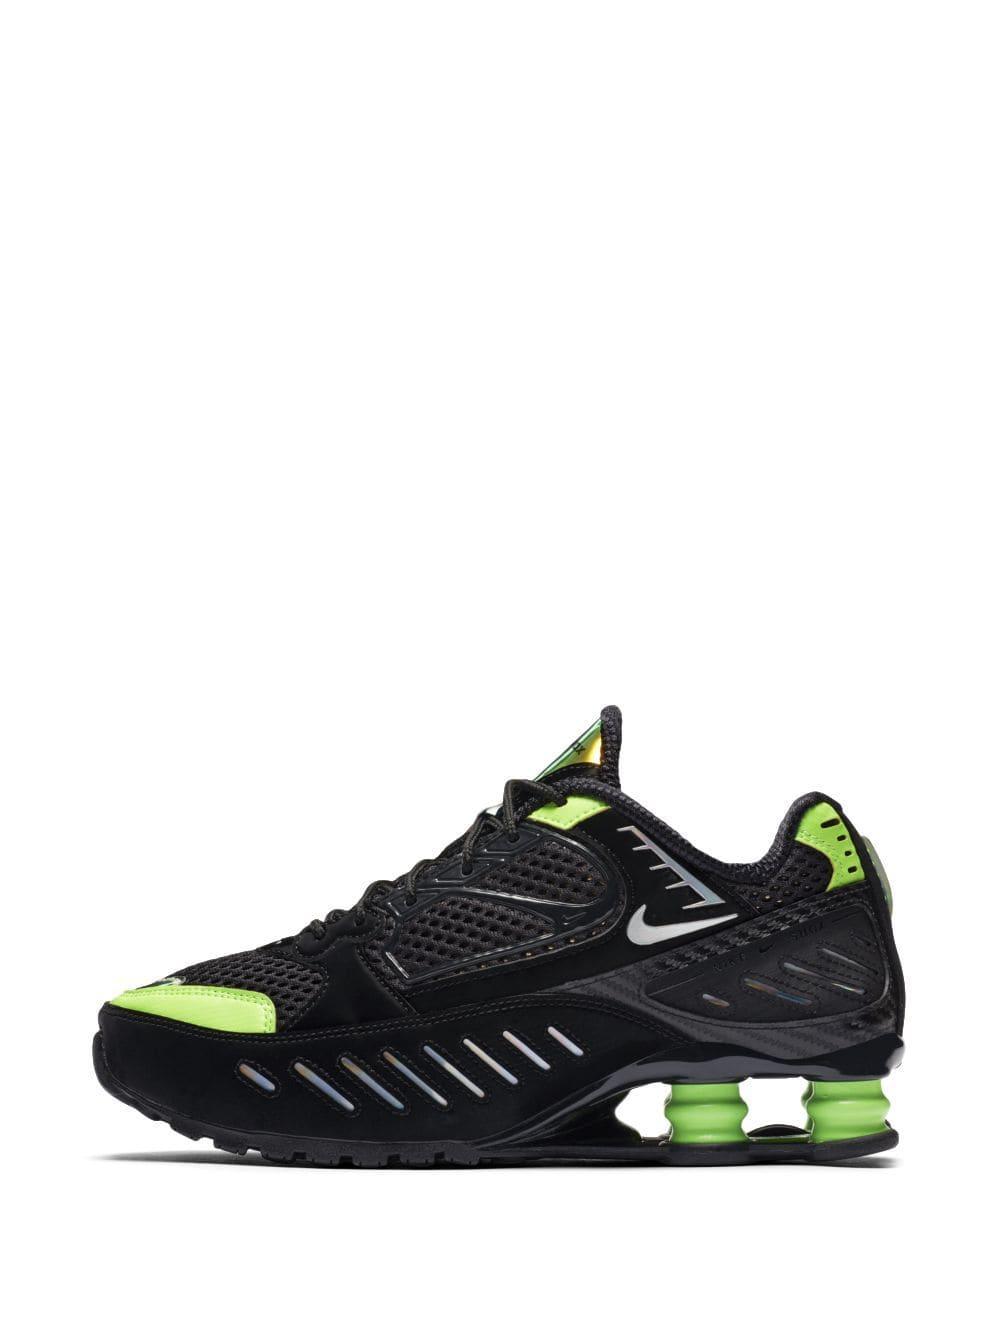 Zapatillas bajas Shox Enigma Nike de Tejido sintético de color Negro